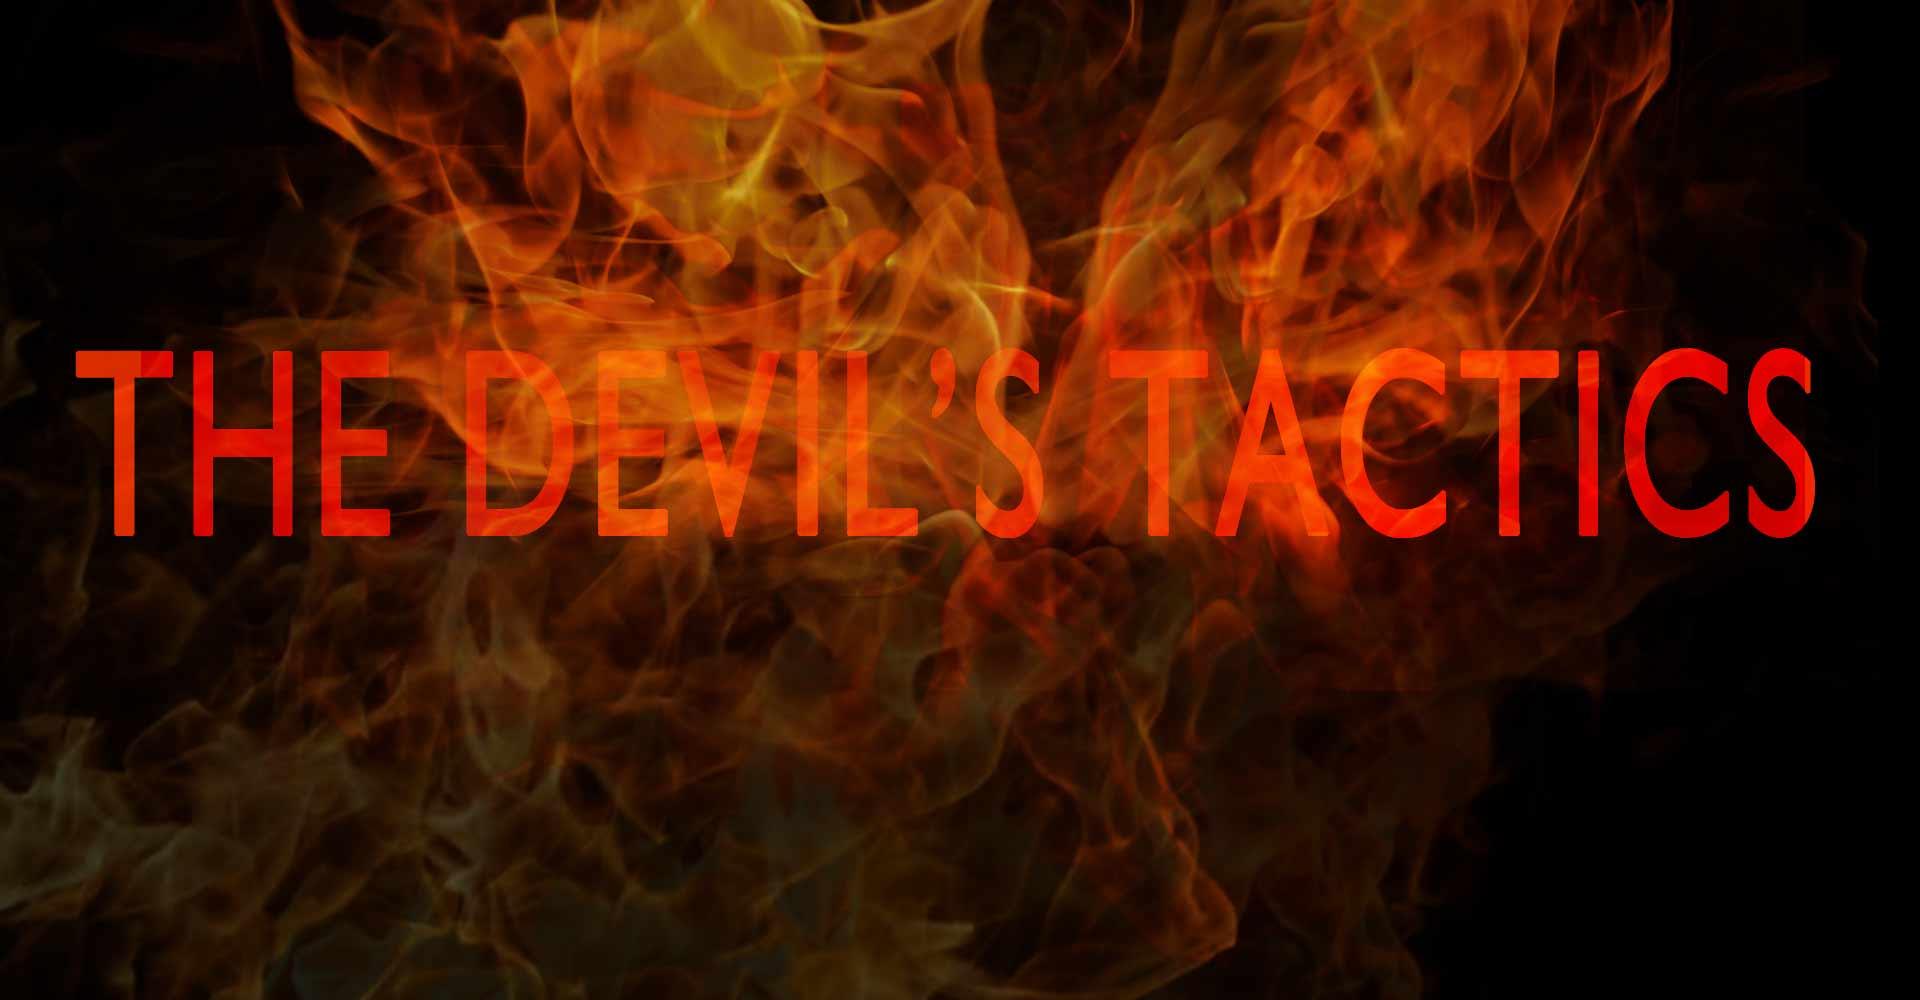 The Devil's Tactics